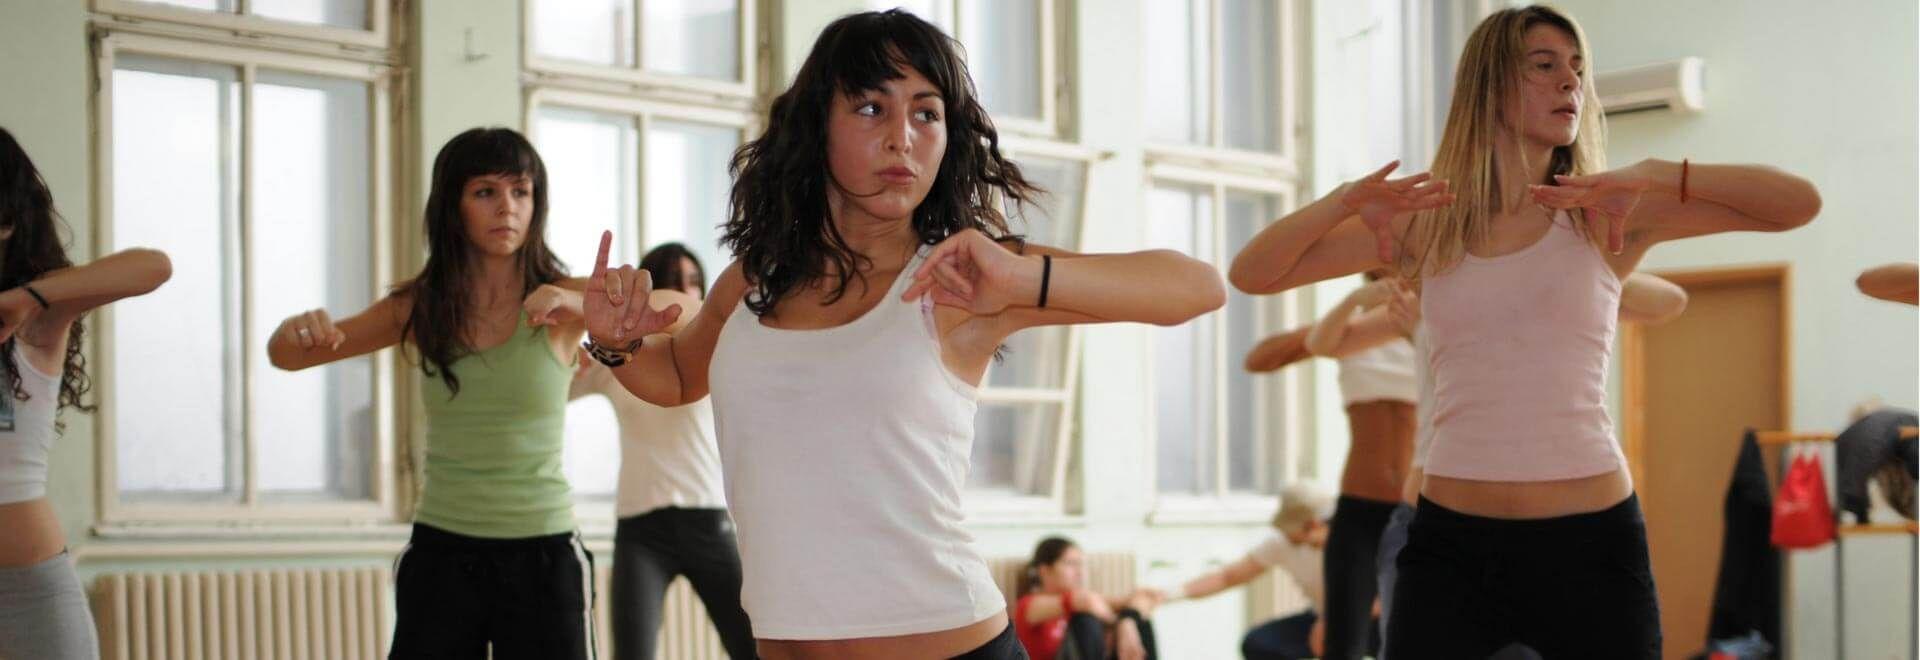 Junge Frauen erlernen eine Choreografie